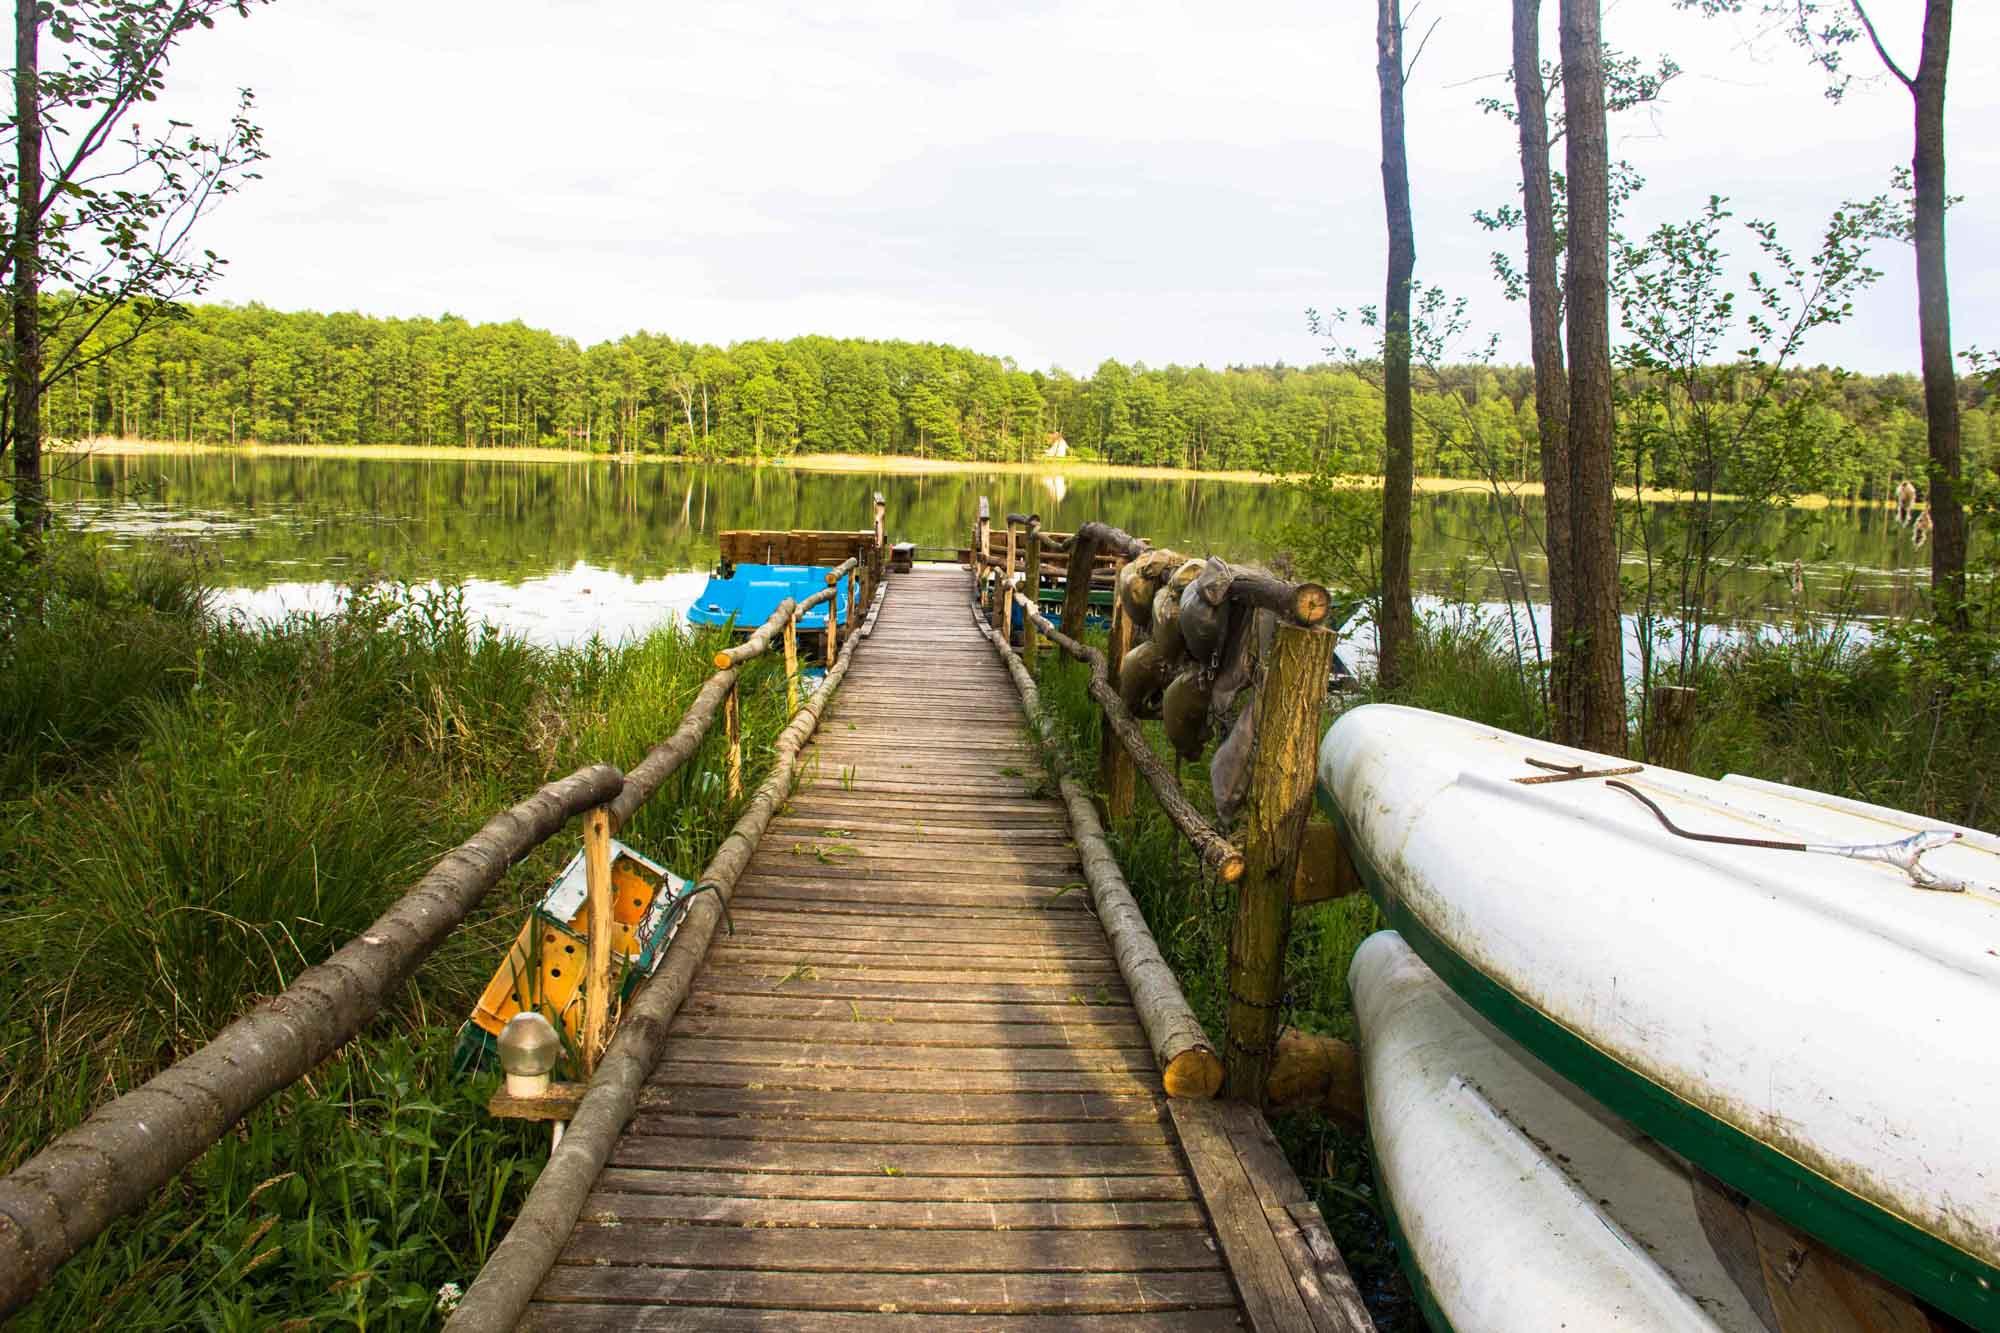 Łódka, kajak, rower wodny. Sprzęt agroturystyki Lema w Wielkopolsce nad jeziorem dośtepny w cenie najmu